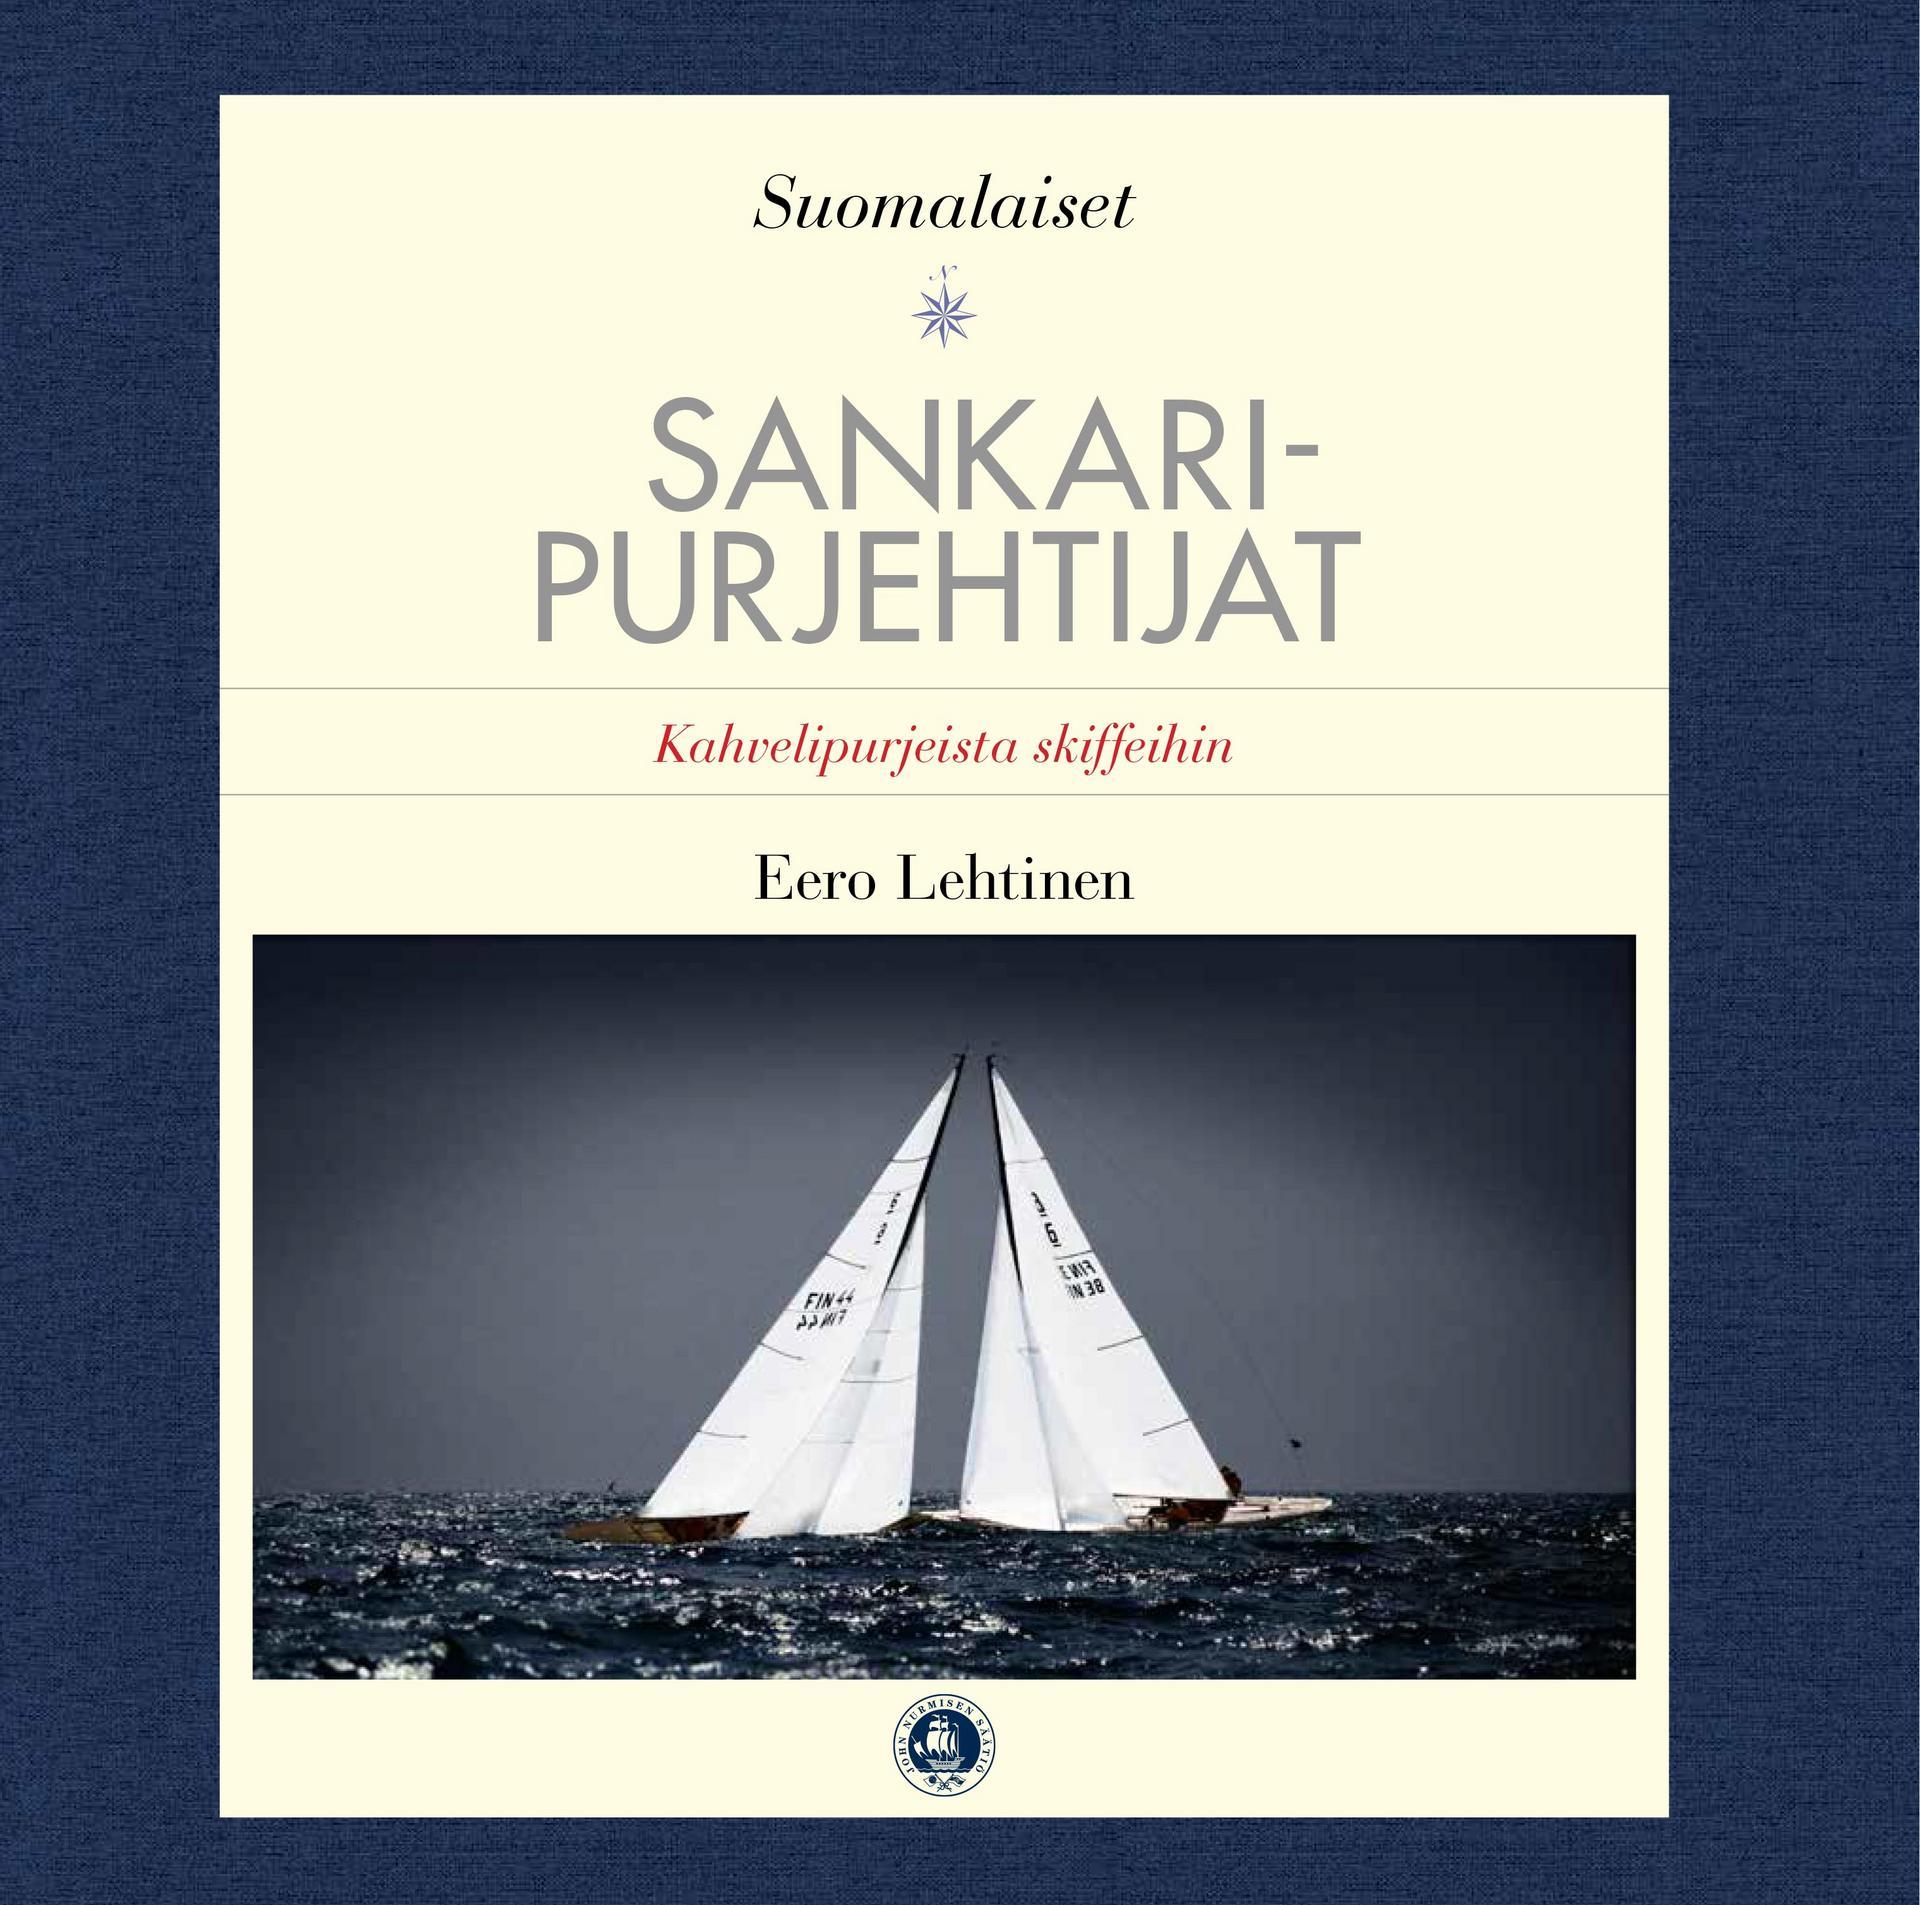 Eero Lehtisen Suomalaiset sankaripurjehtijat - kahvelipurjeista skiffeihin (John Nurmisen säätiö, 2015)